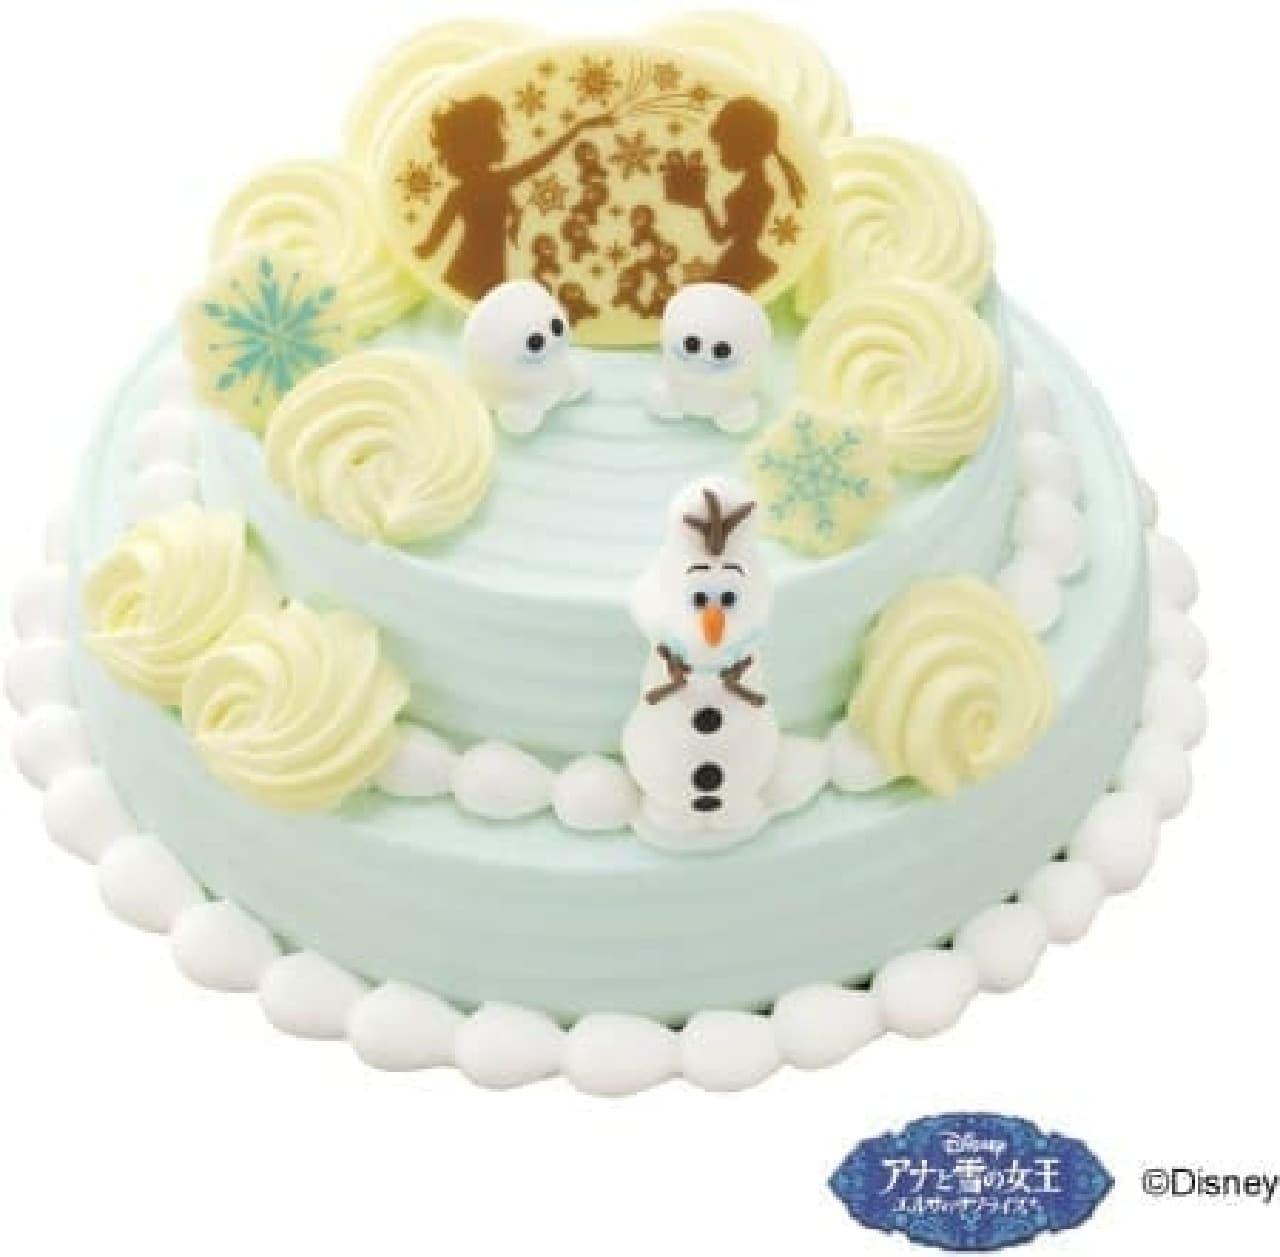 スクリーンに登場したケーキを忠実に再現!?